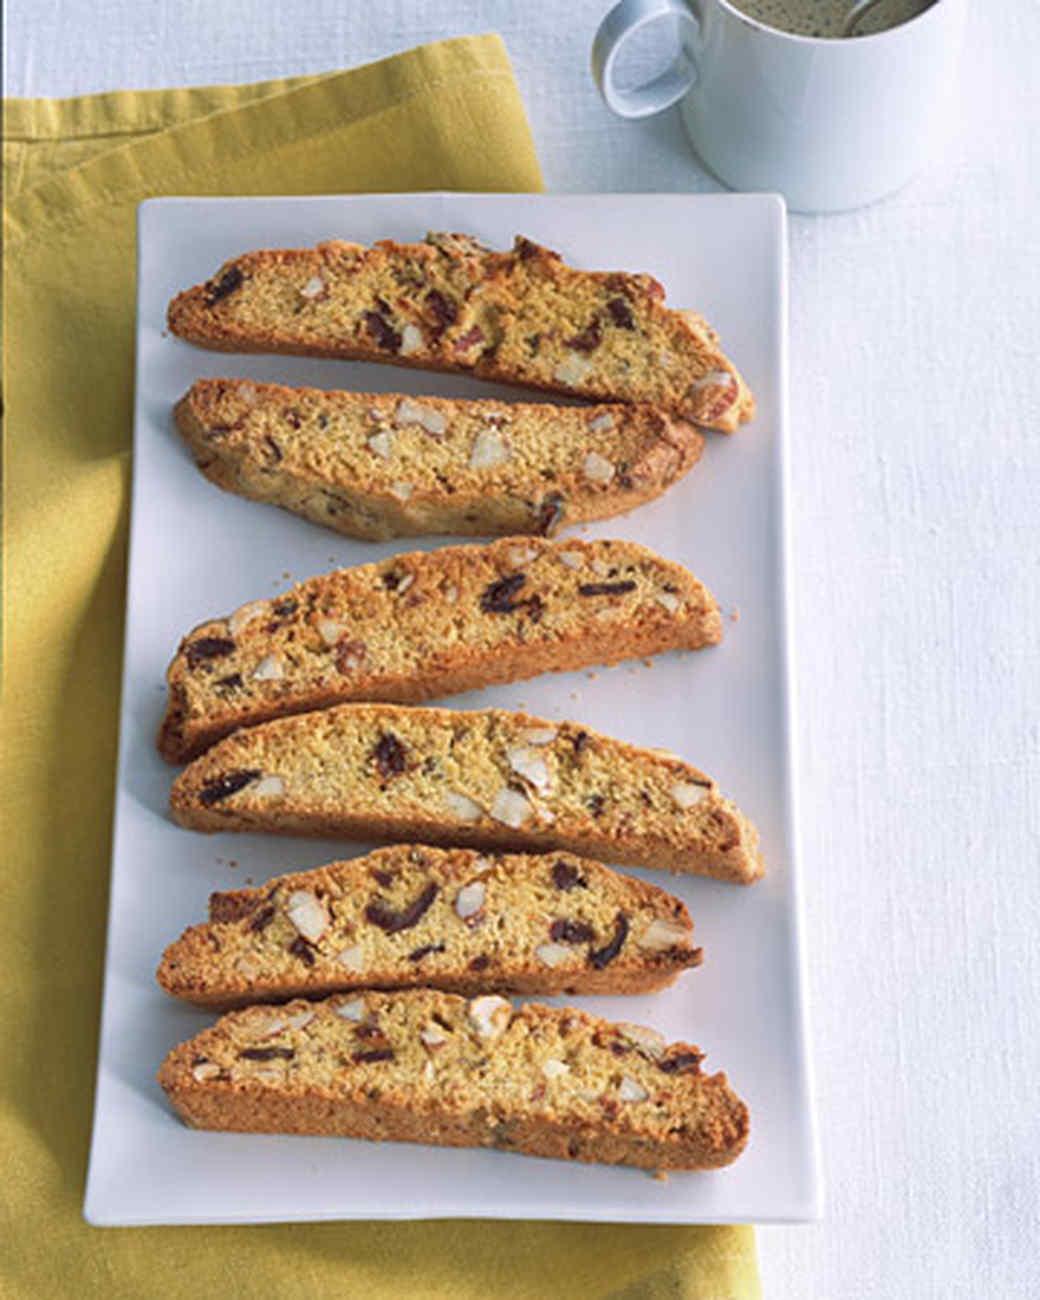 làm biscotti cách làm biscotti Cách làm Biscotti nguyên cám siêu ngon, siêu đơn giản cach lam banh biscotti 6